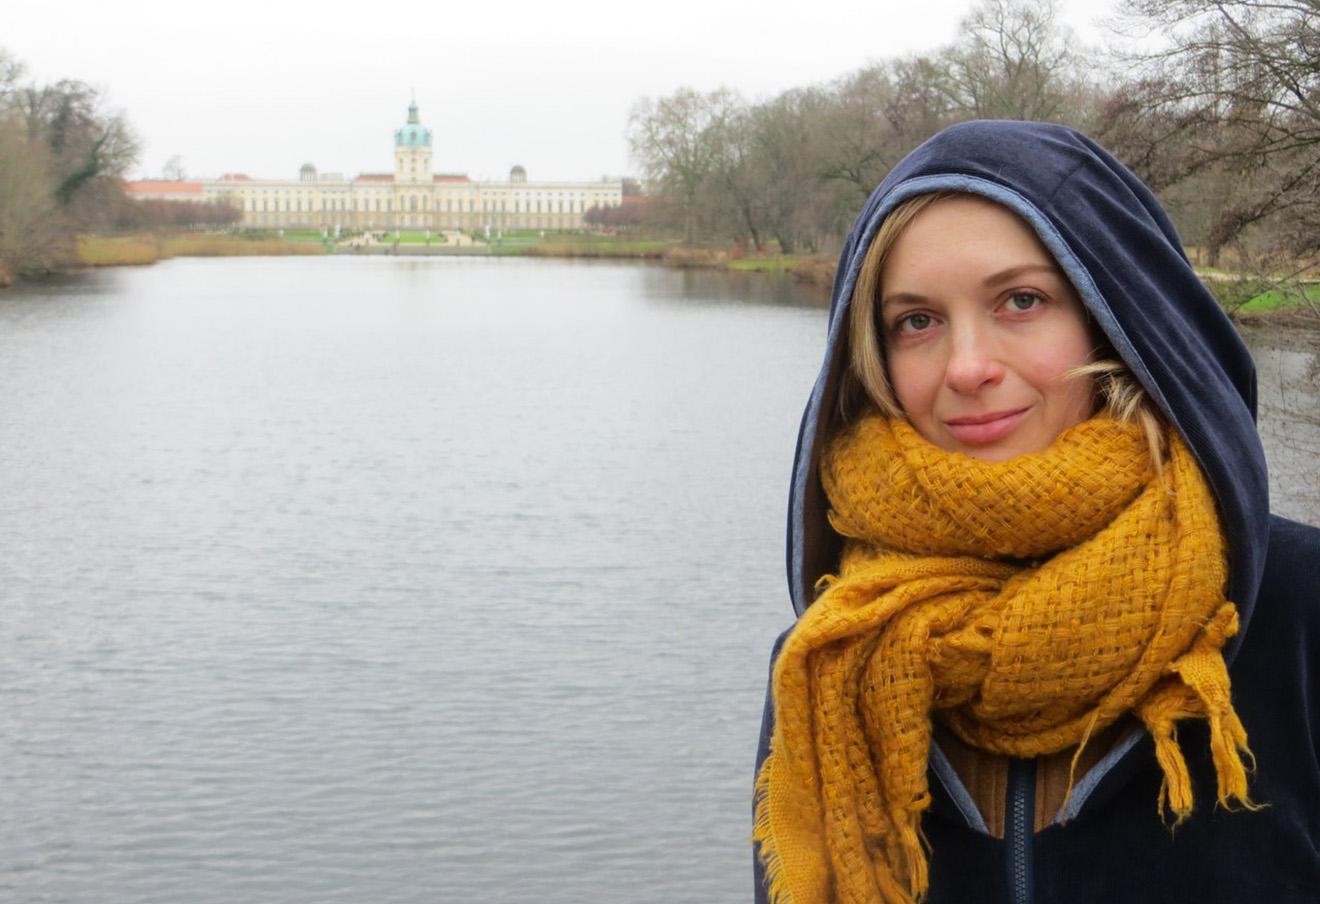 Мария Курзина. Фото: личная страница ВКонтакте